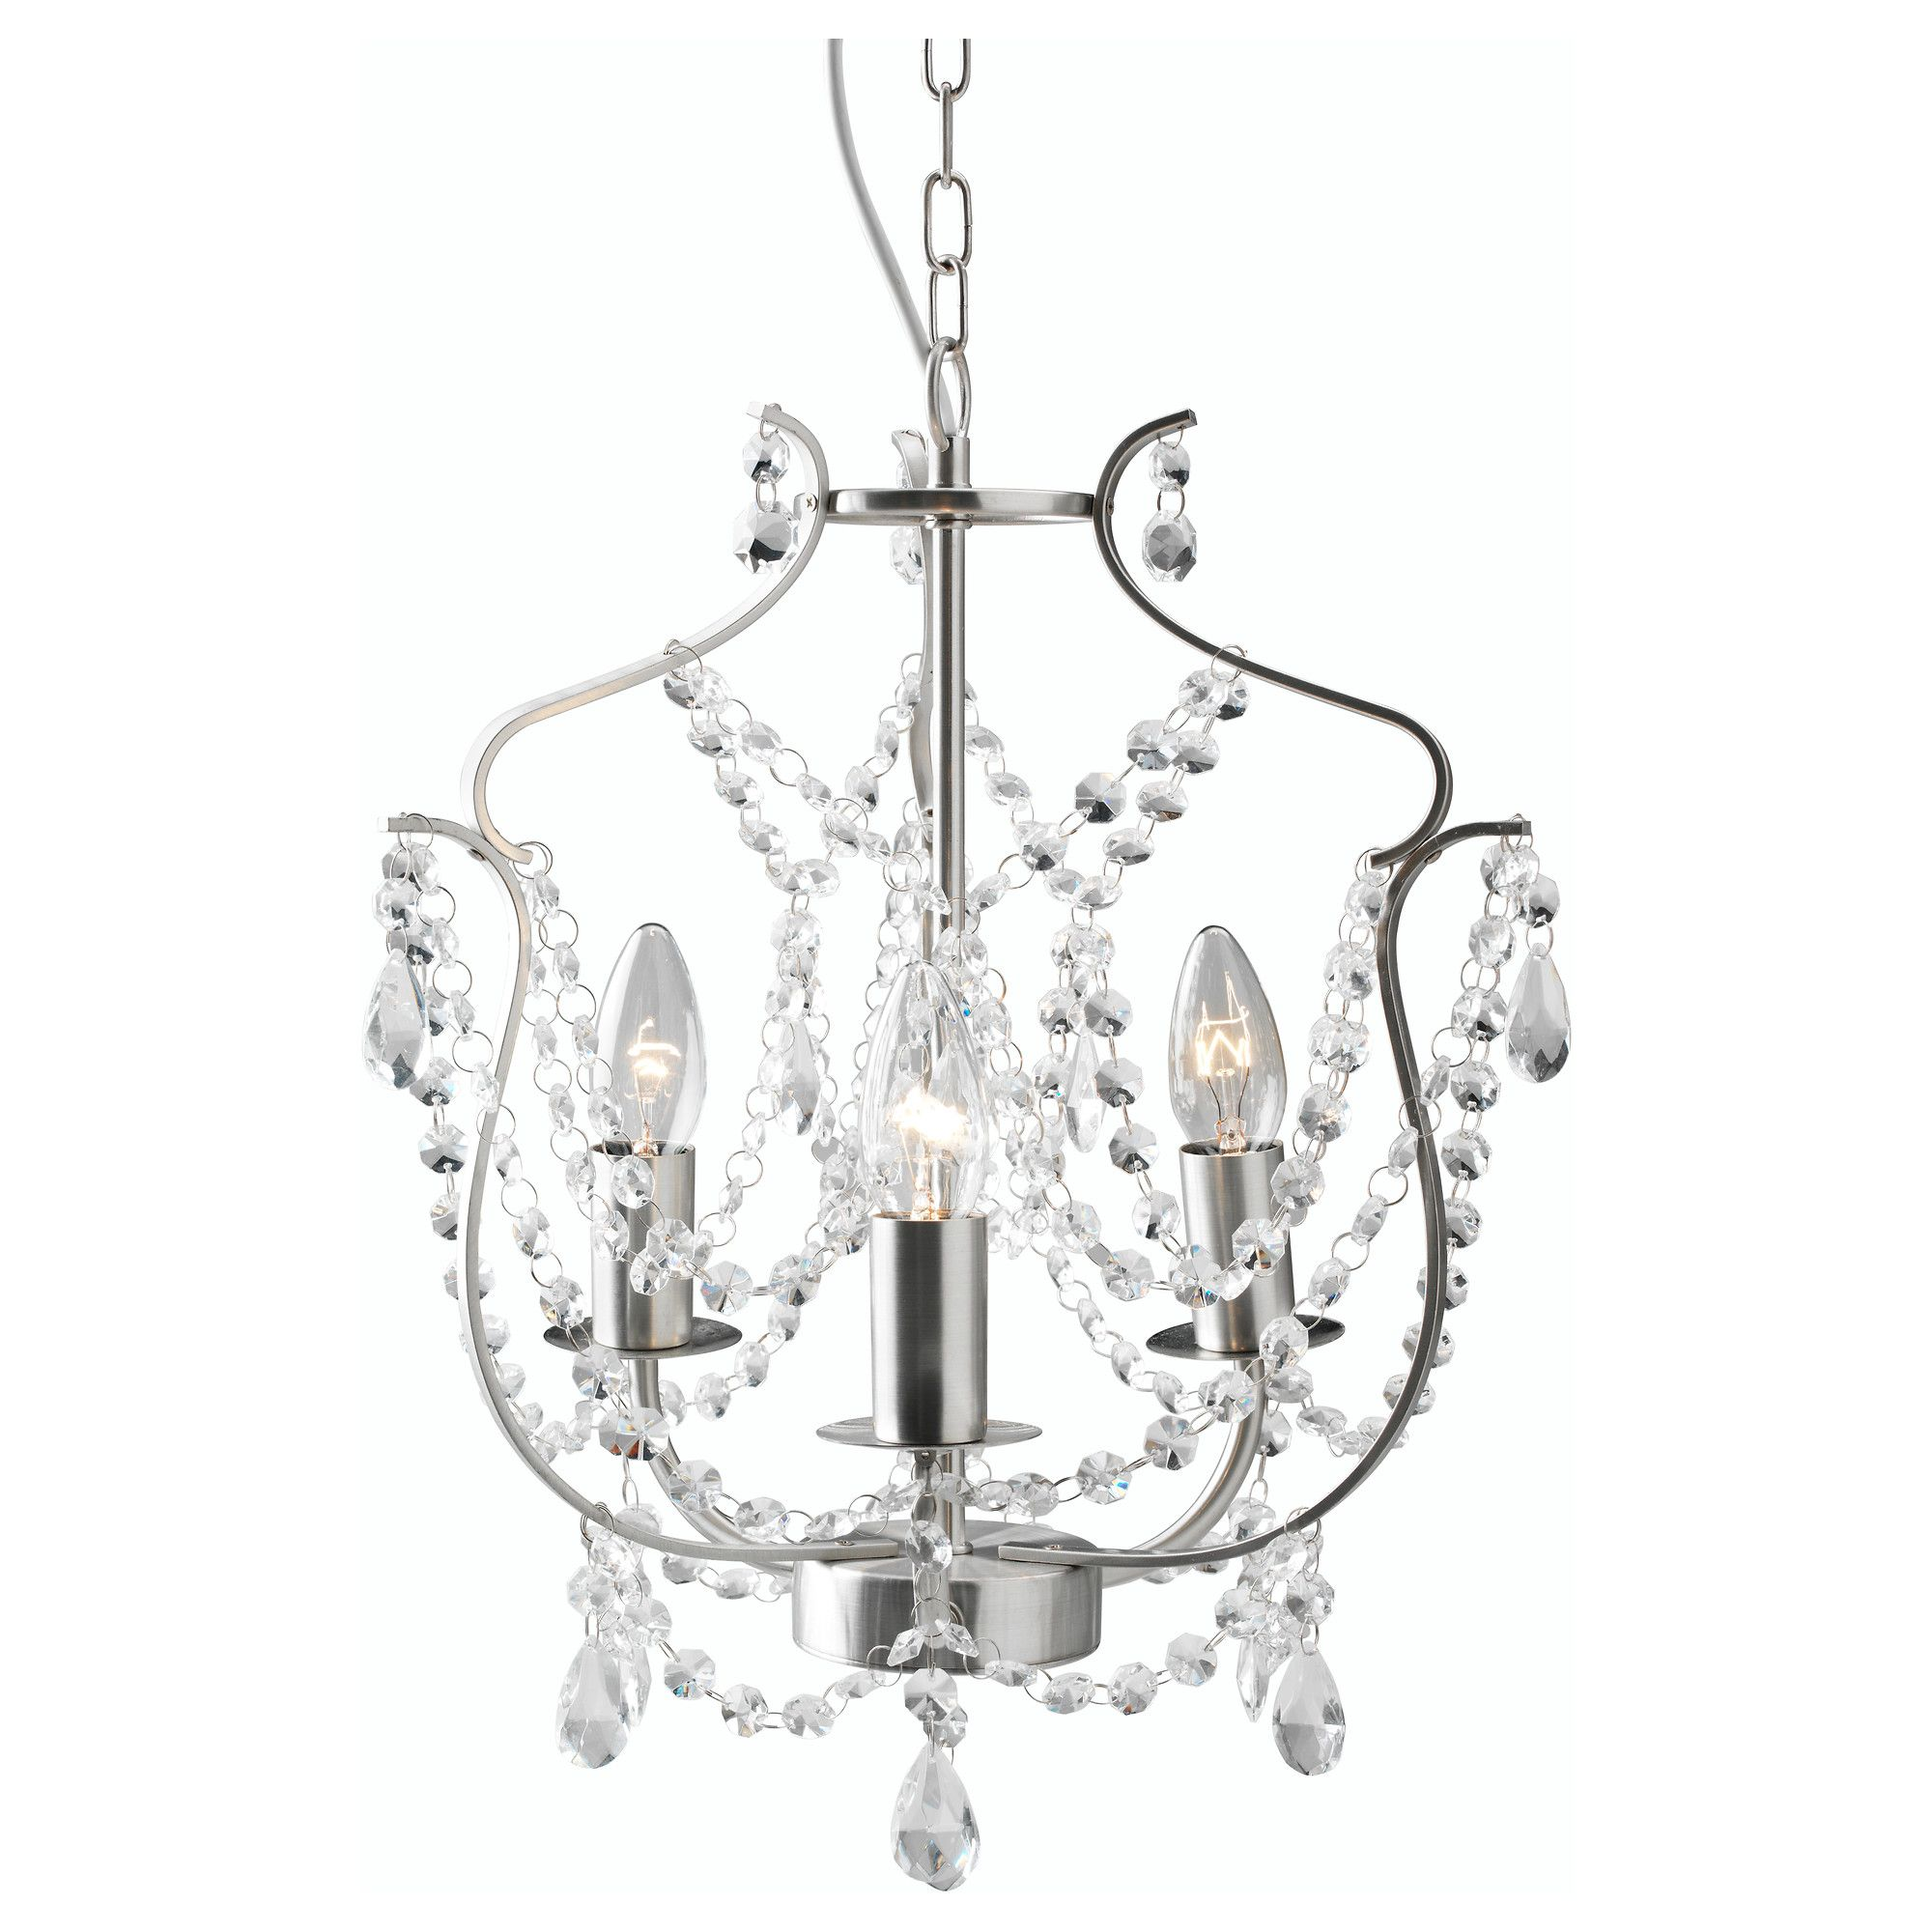 KRISTALLER Chandelier 3 armed silver color glass